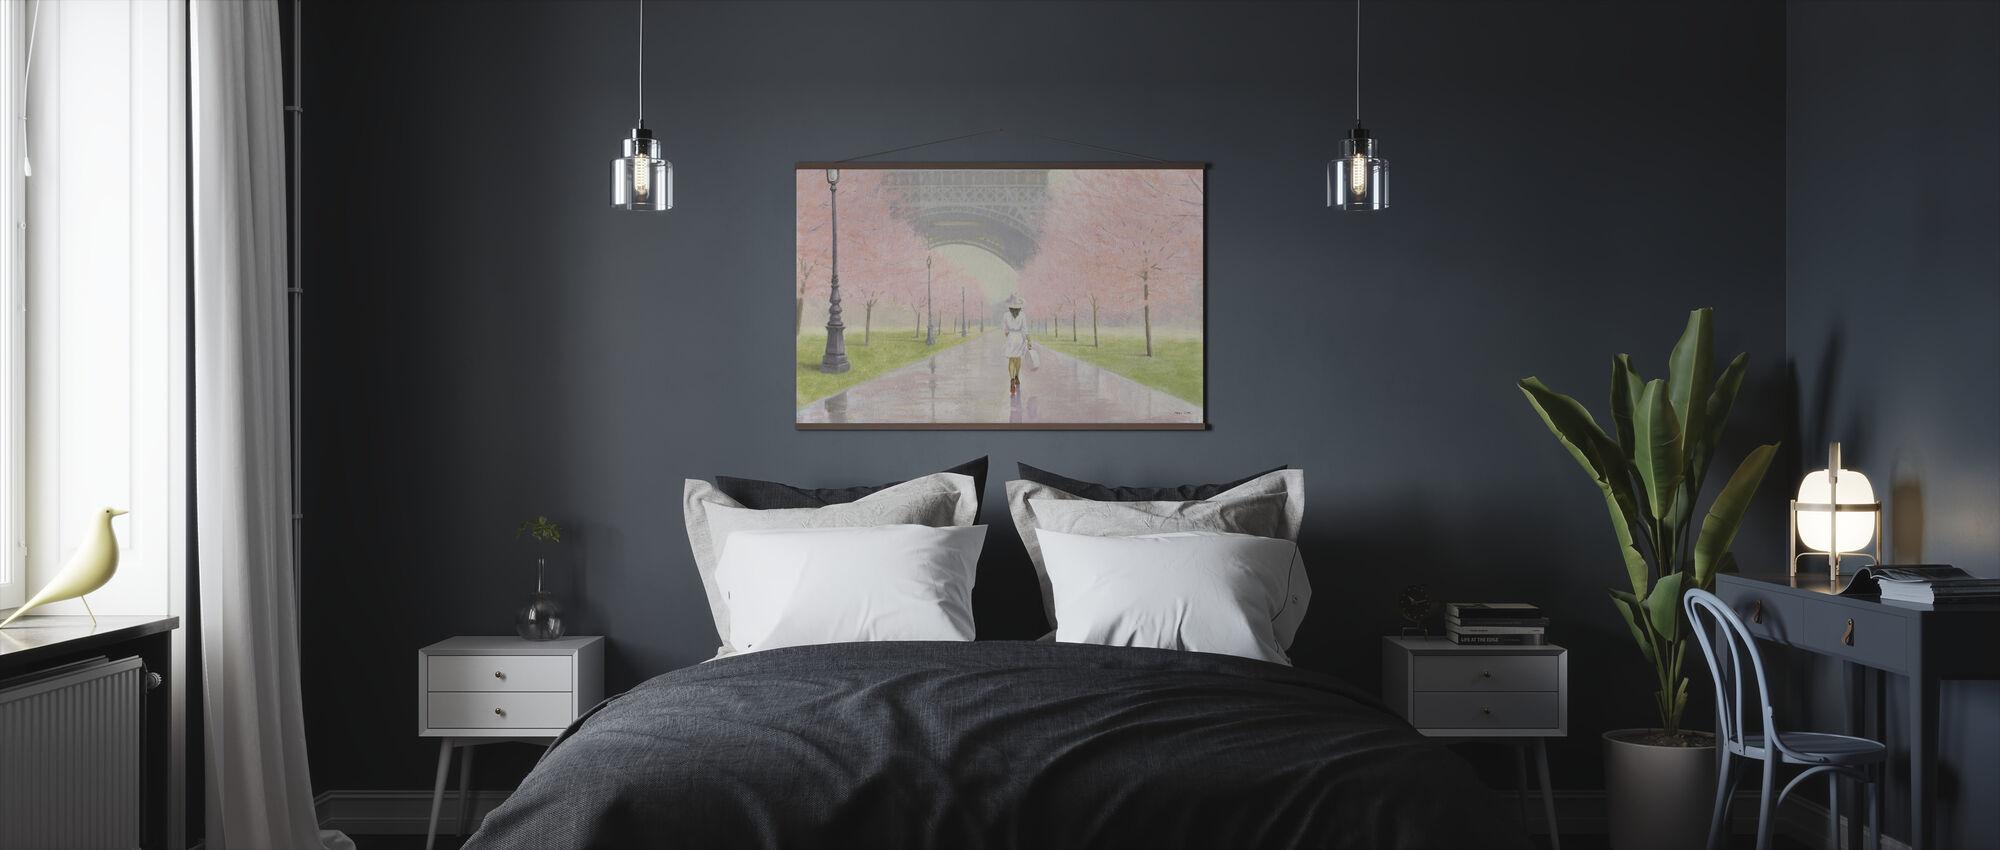 Printemps a Paris - Poster - Bedroom